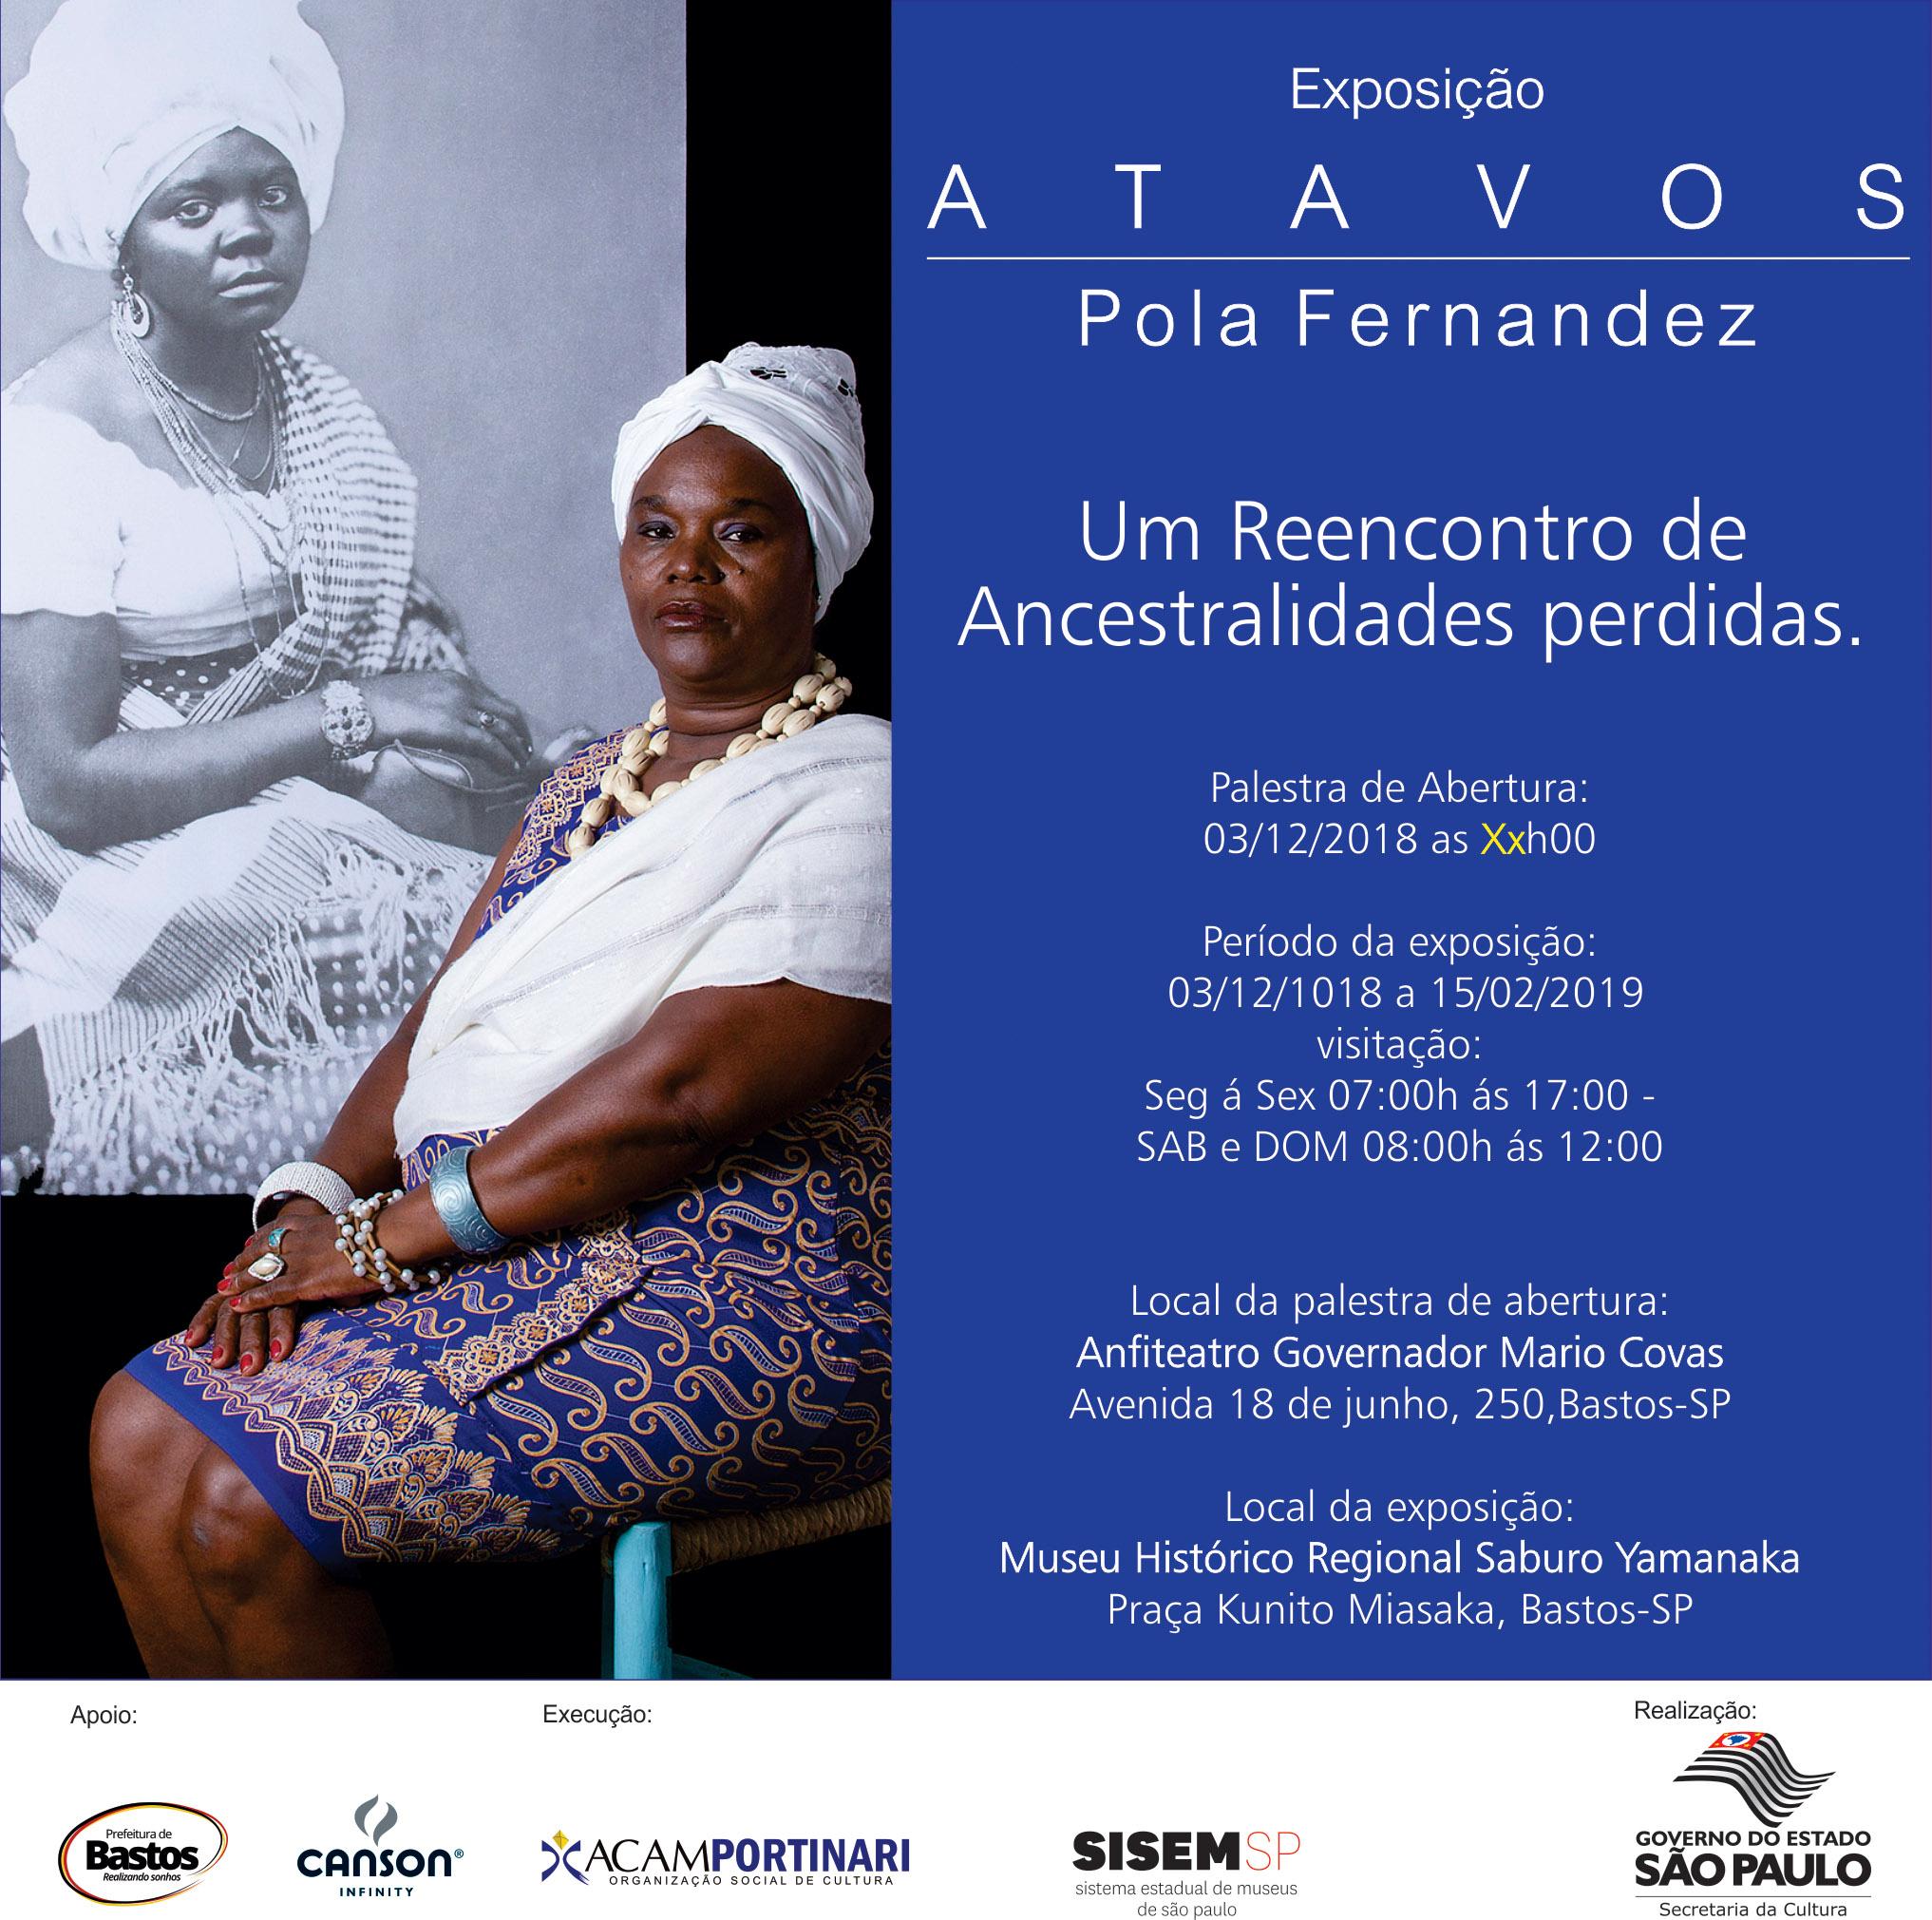 Convite Exposição Atavos_2018.jpg